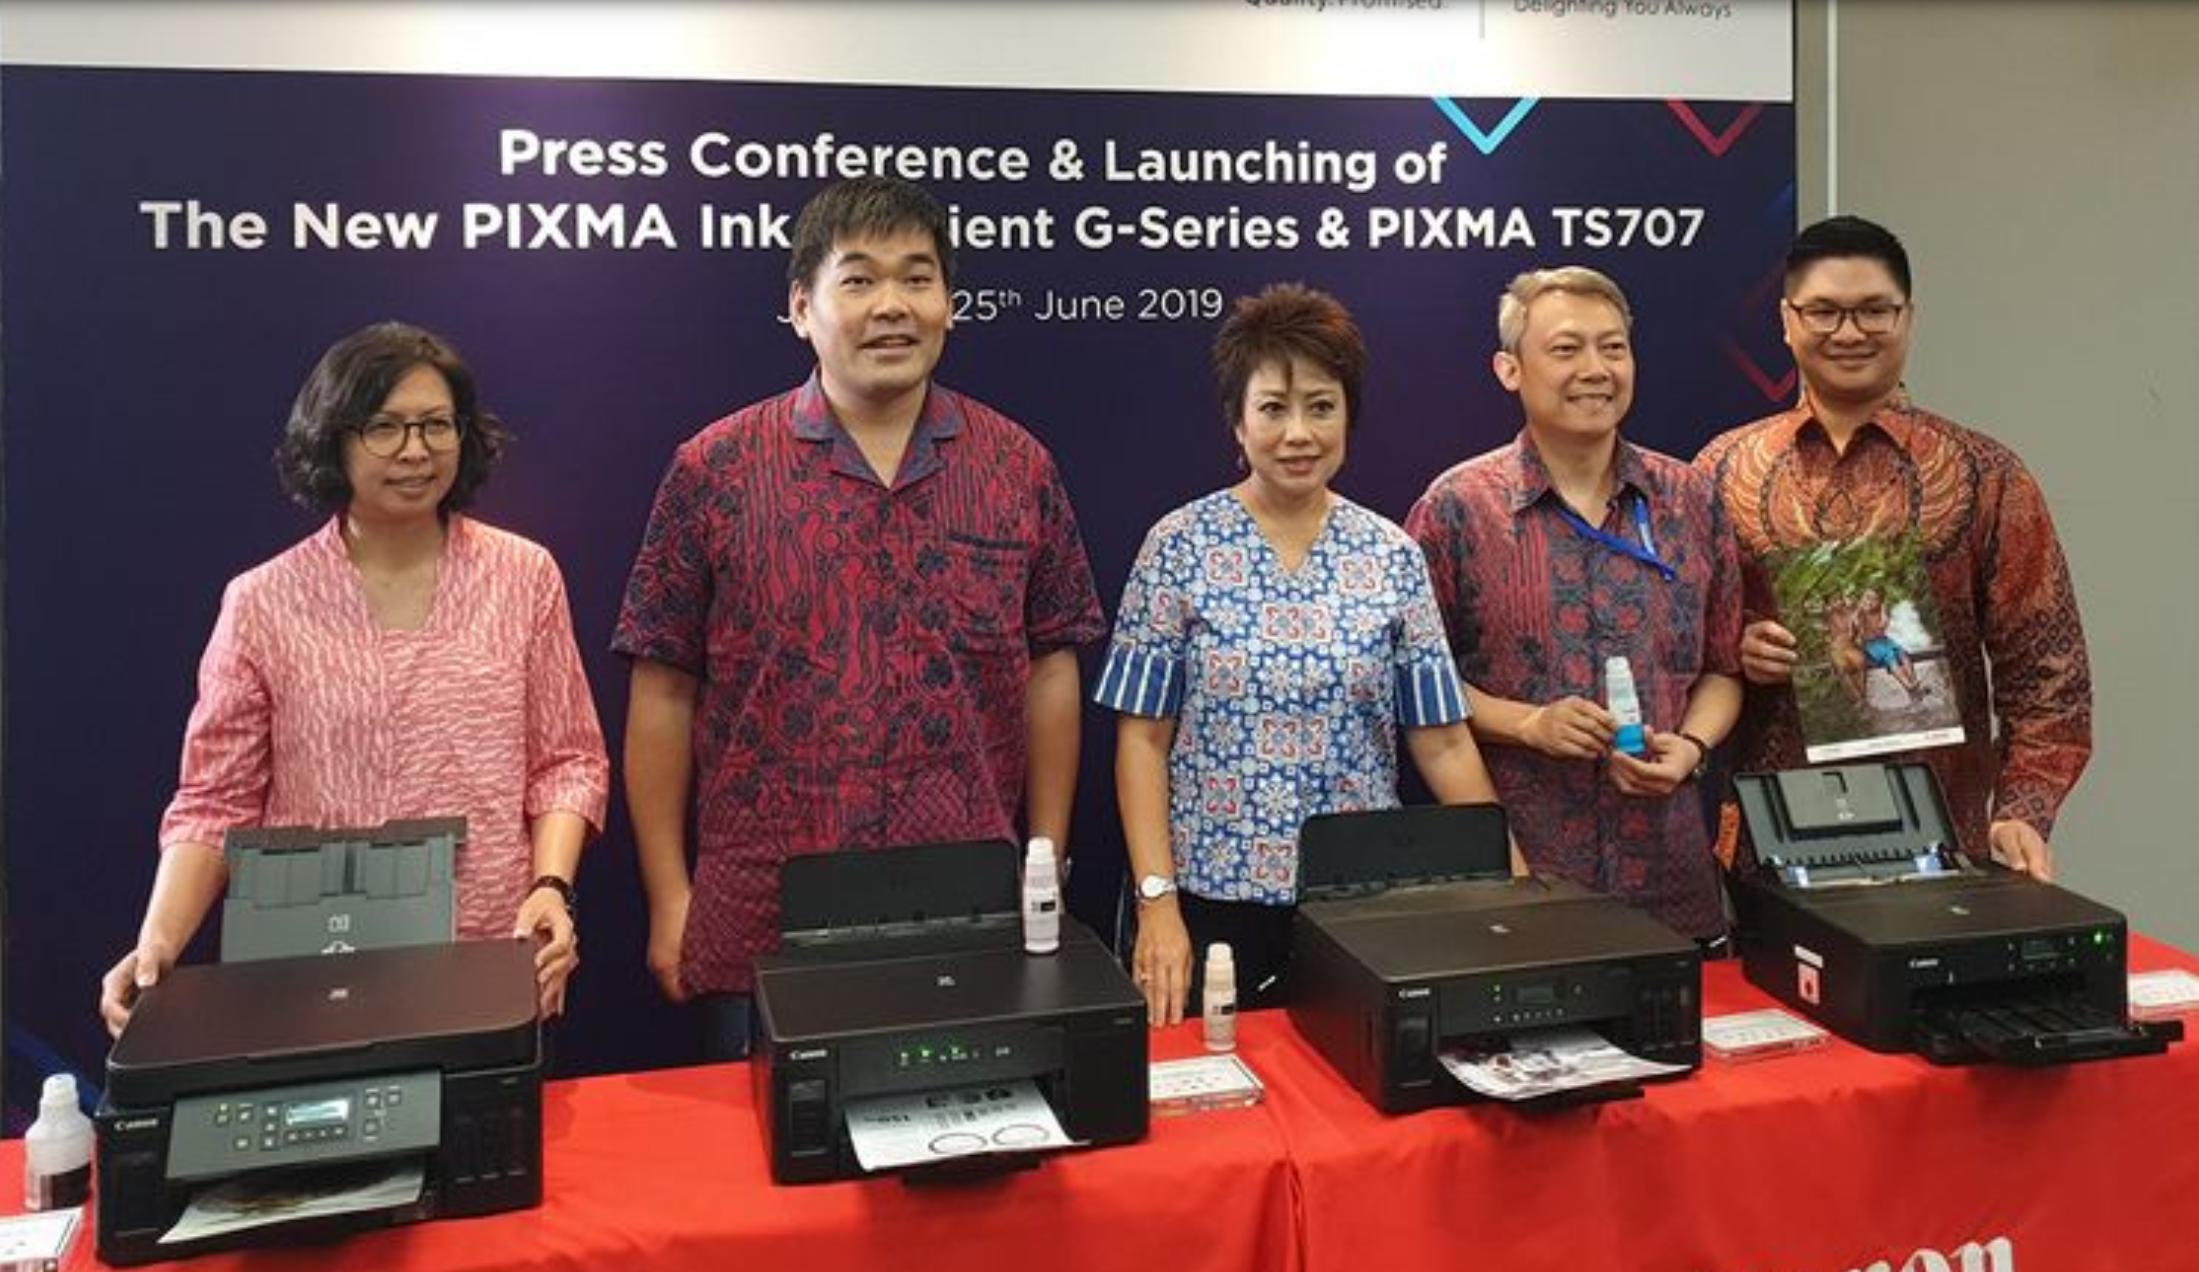 Canon Luncurkan 4 Printer Terbaru untuk pengusaha kecil